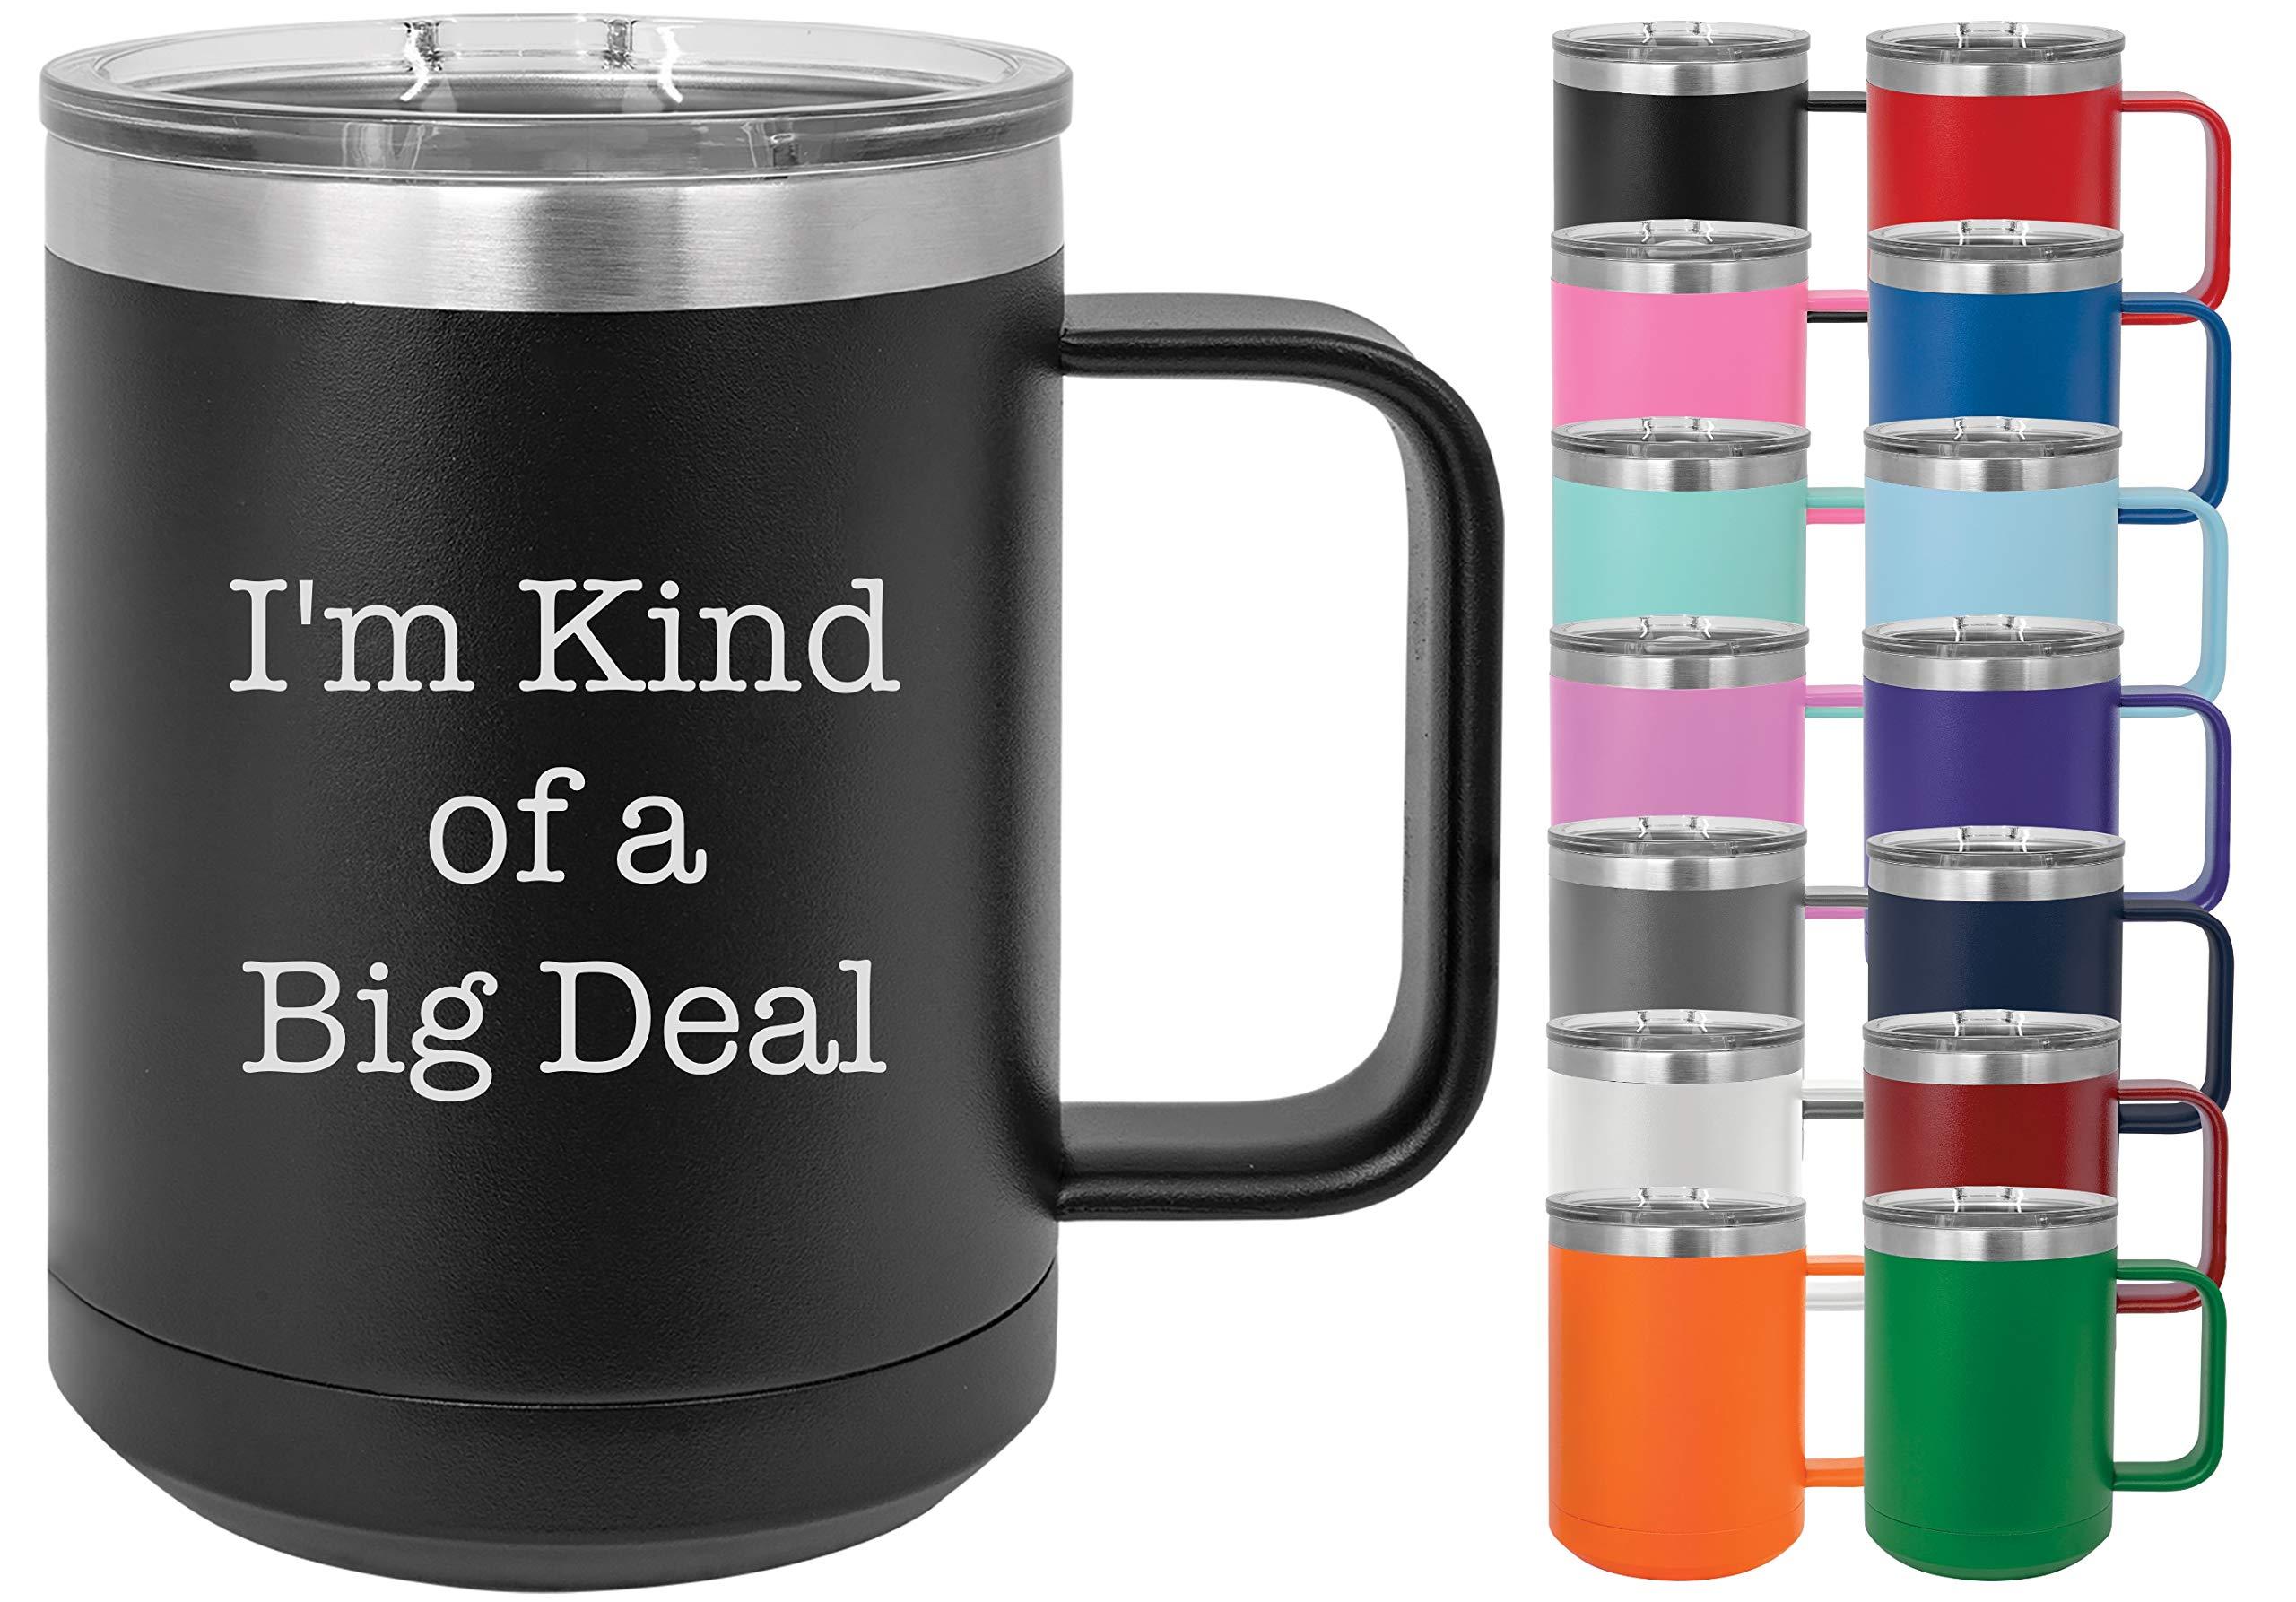 I'm Kind Of A Big Deal - Losta Laughs Funny 15oz Powder Coated Mug with Lid (Black)